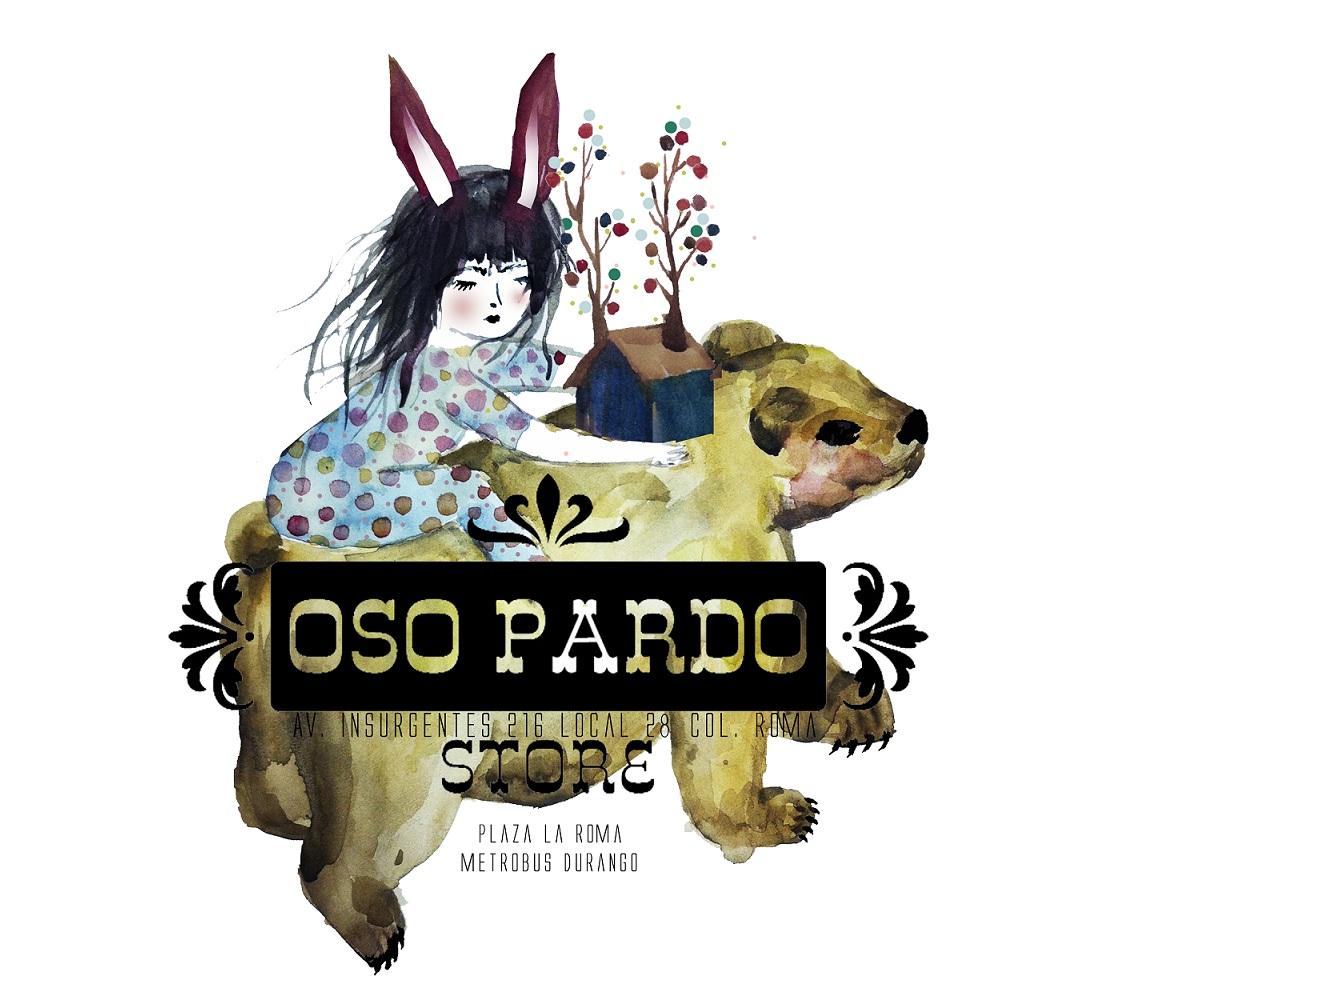 Oso Pardo Shop